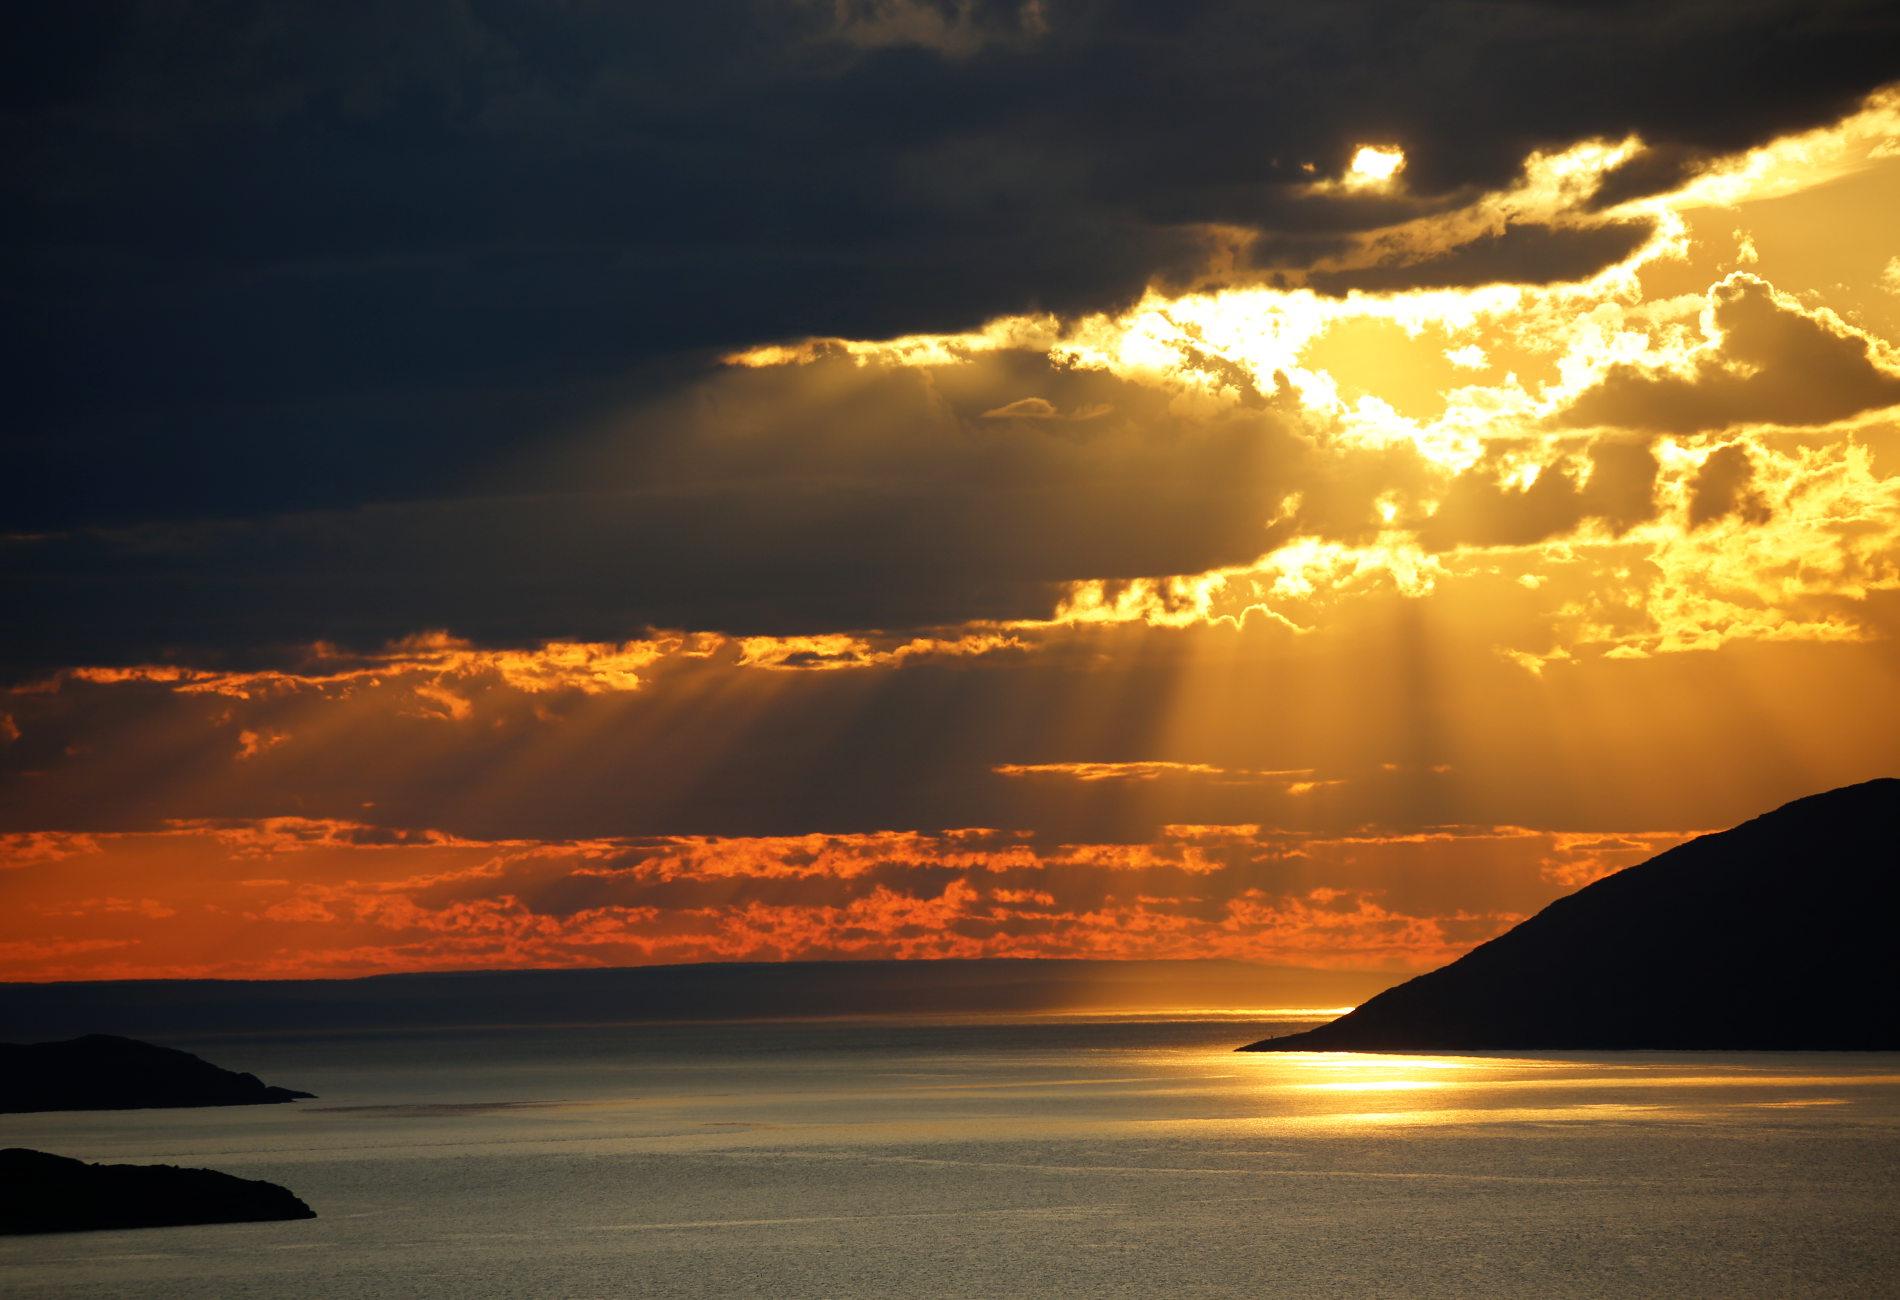 Sol og skyer mot horisonten © Nord Norge